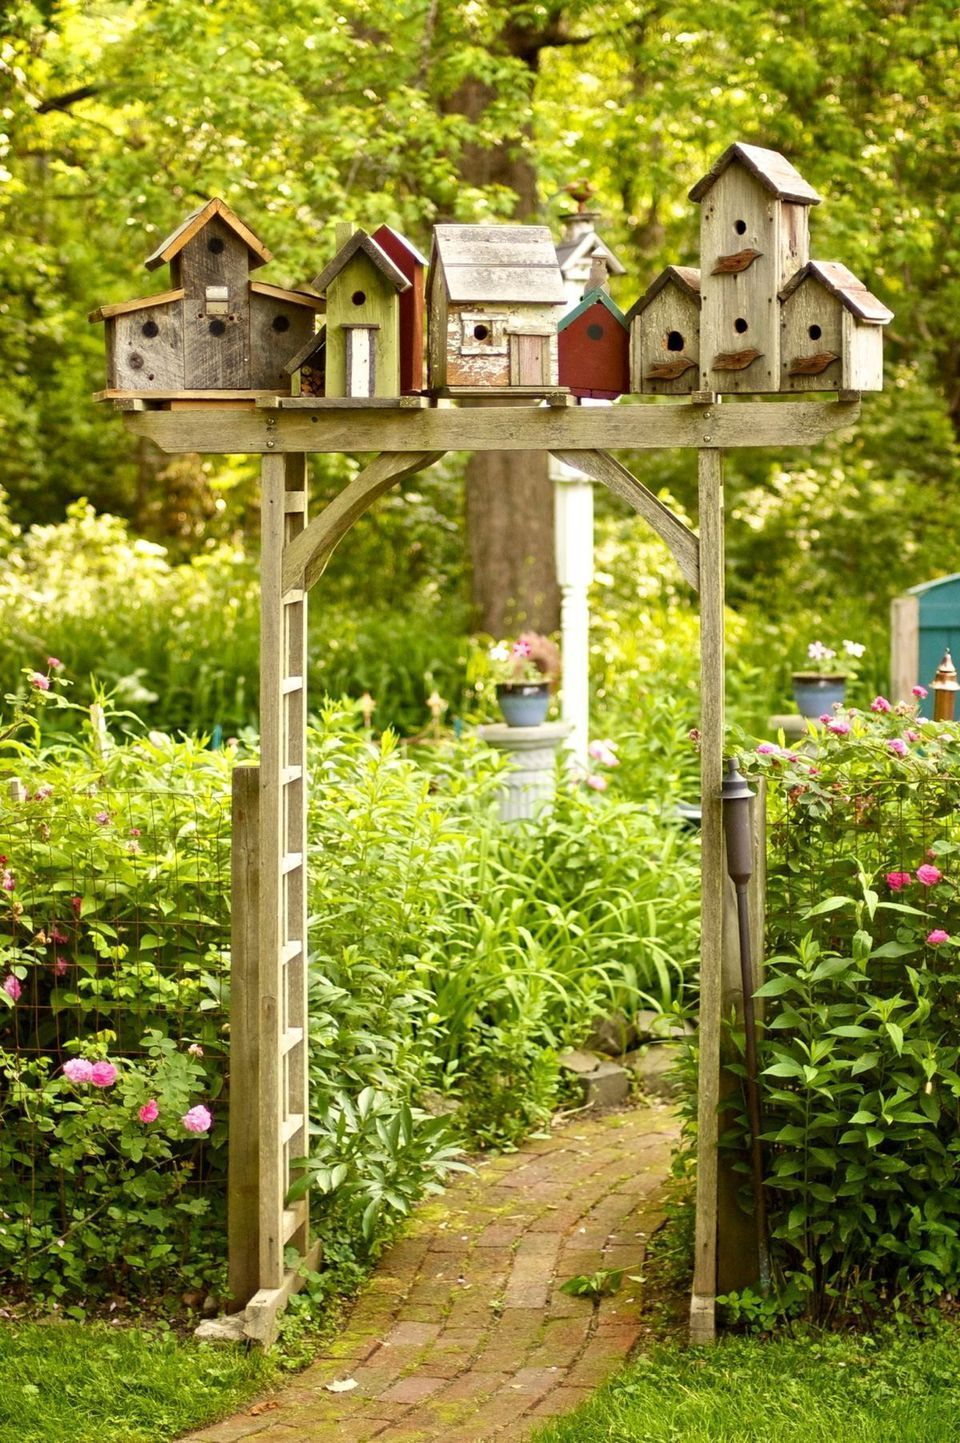 10 Idées Déco Faits À Partir D'objets Recyclés Pour Votre ... concernant Objet Decoration Jardin